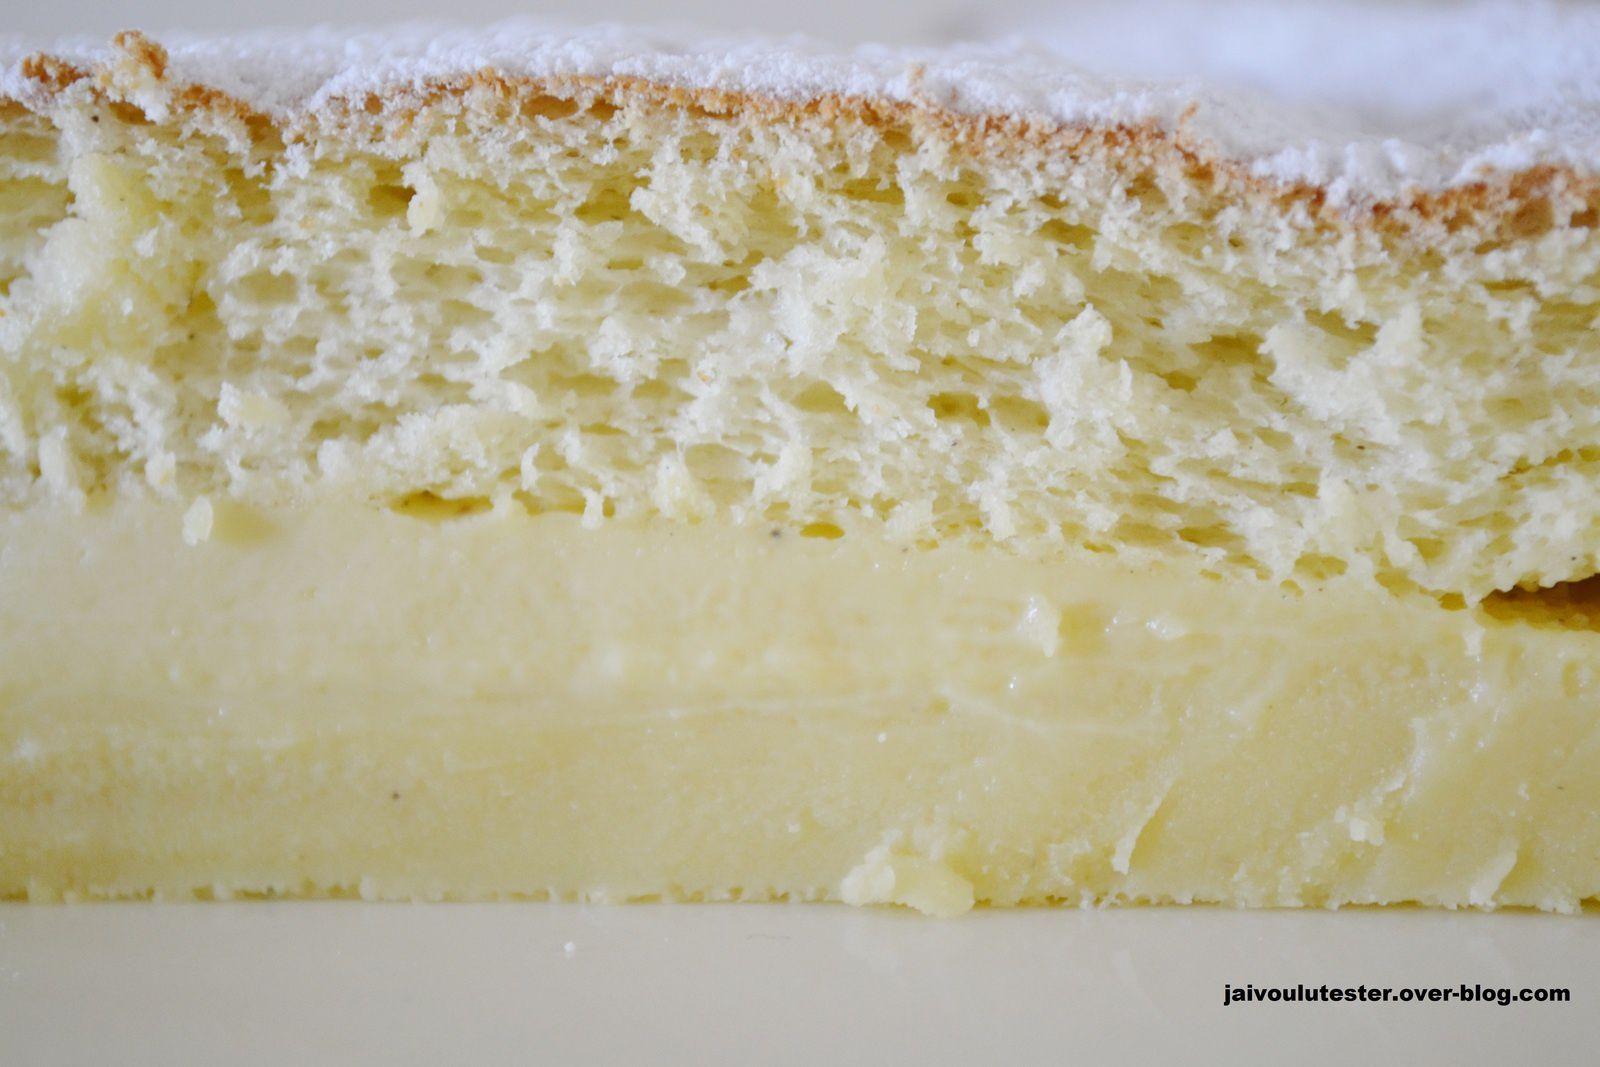 cliquez pour agrandir 1- moule silicone pour faciliter le démoulage 2- dessous du gâteau après démoulage 3- dessus du gâteau en le retournant 4- 3 couches visibles